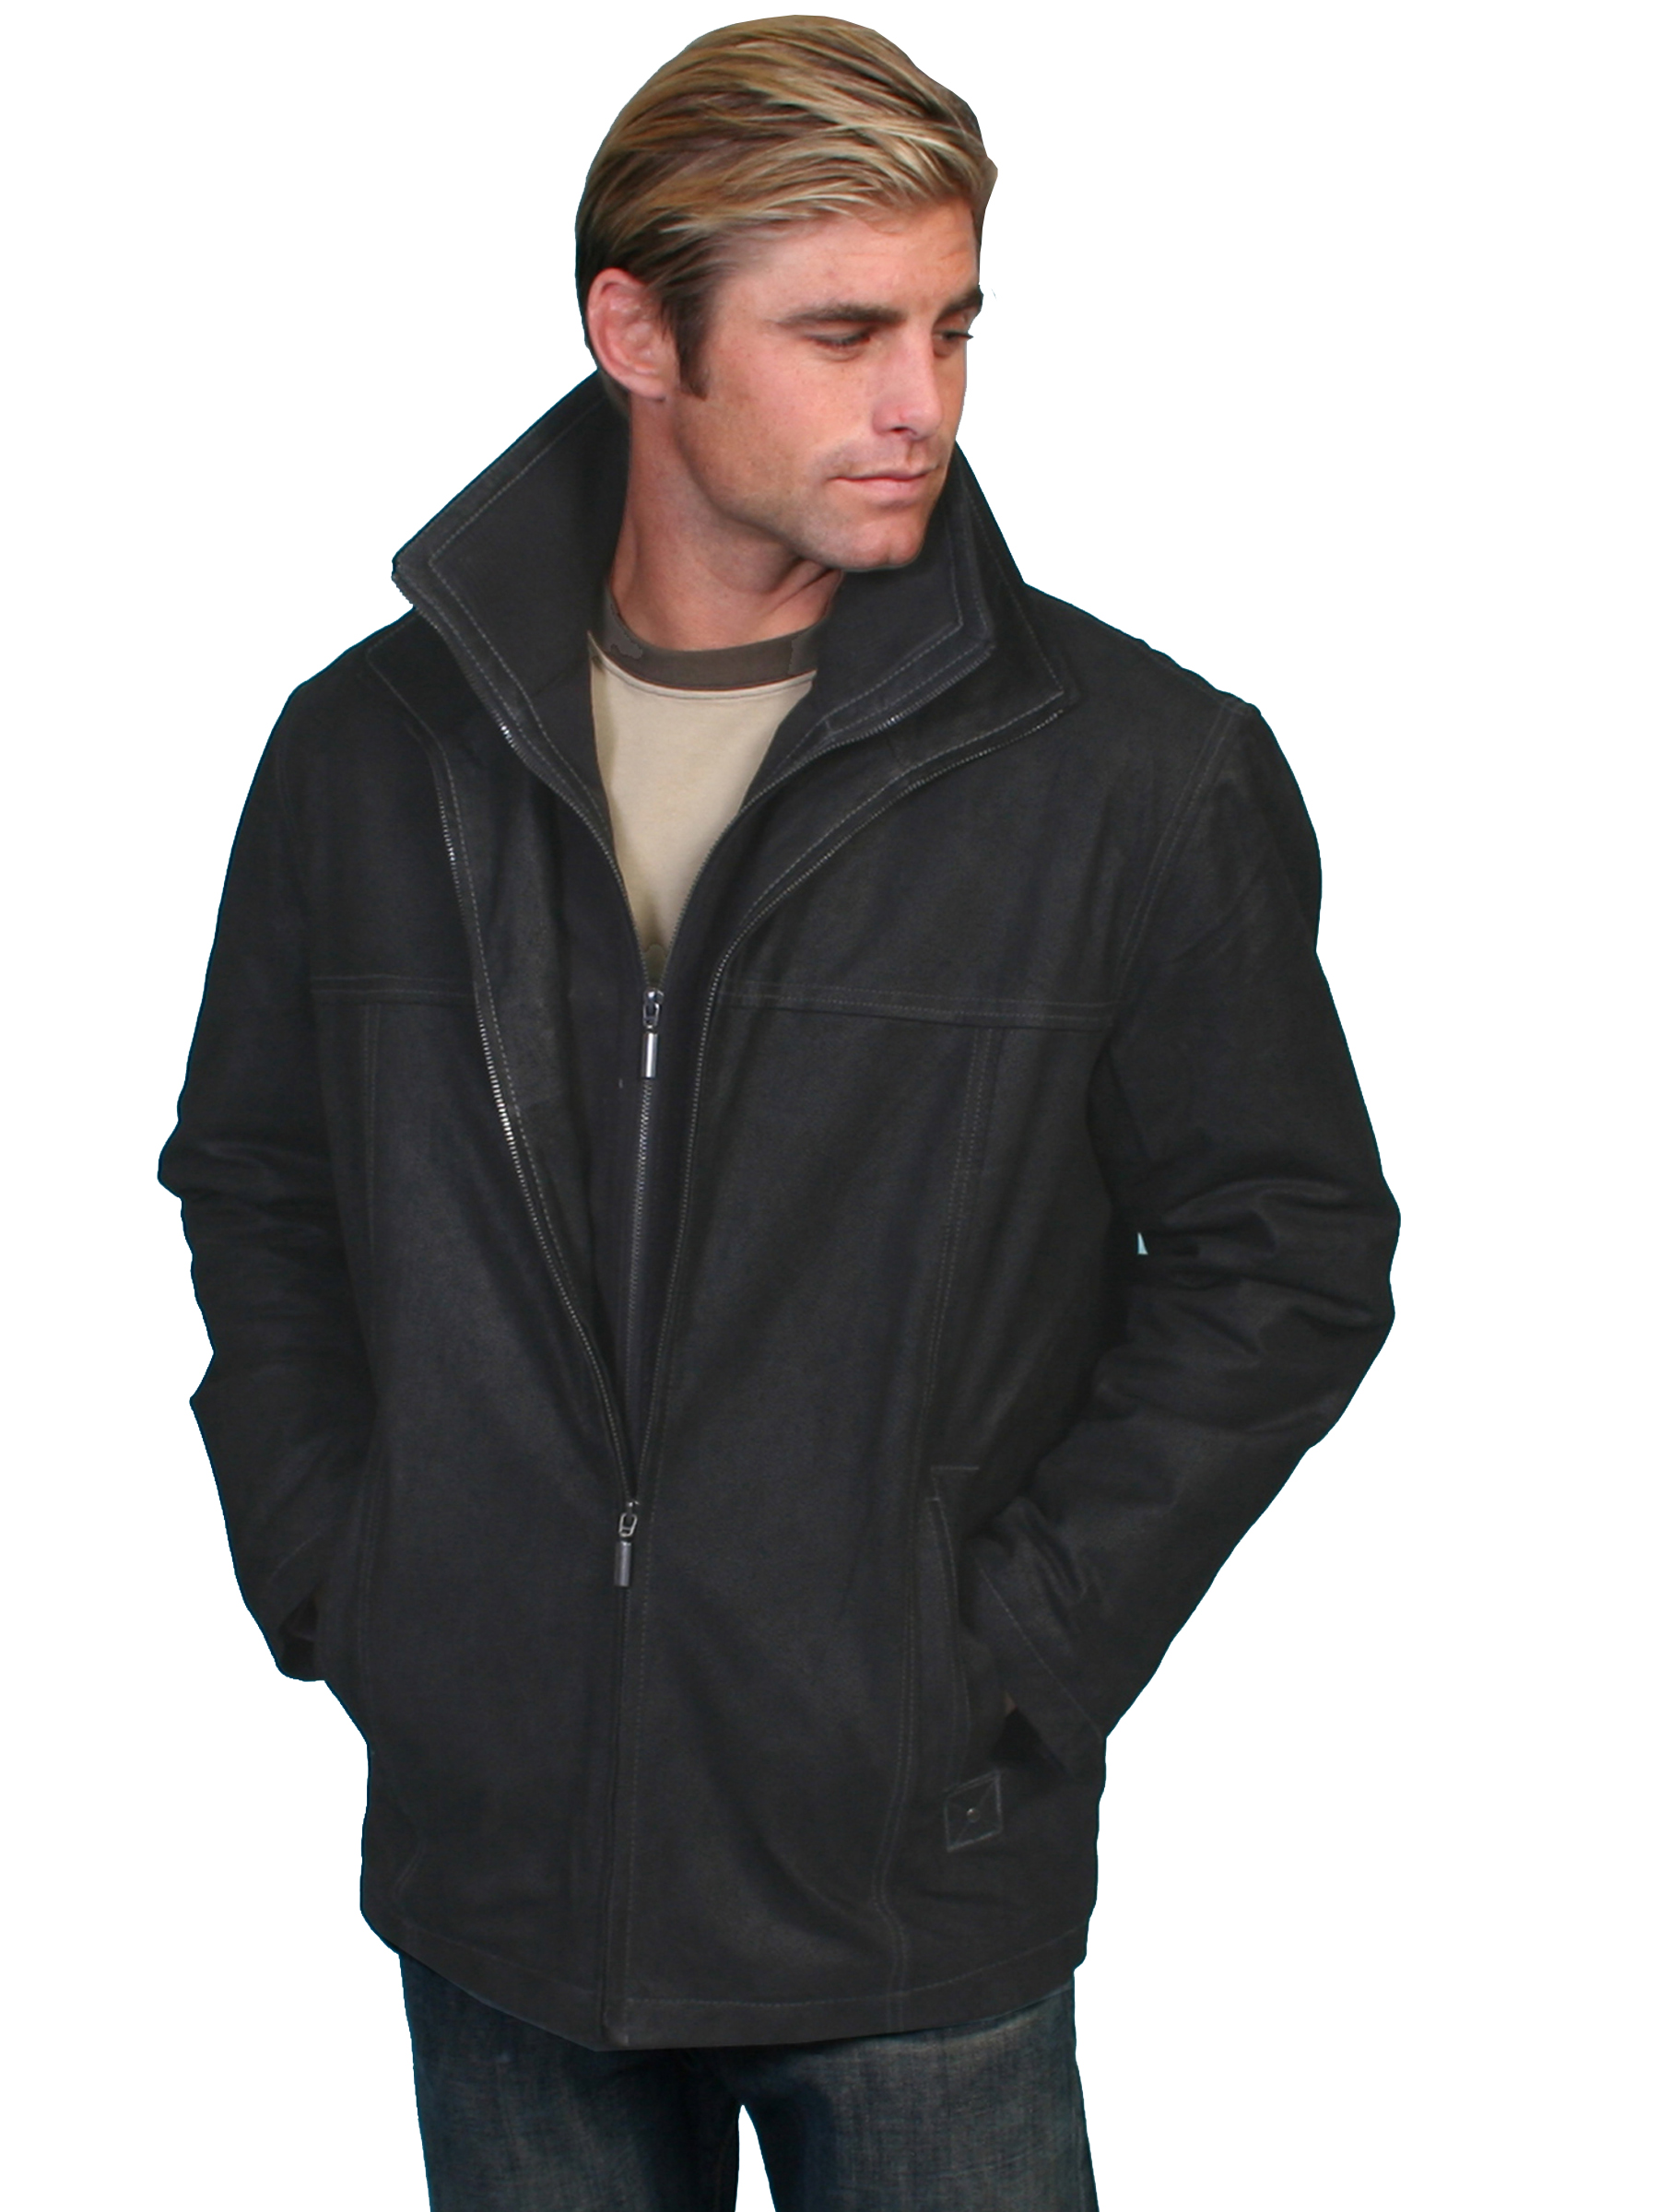 Vintage black premium leather car coat